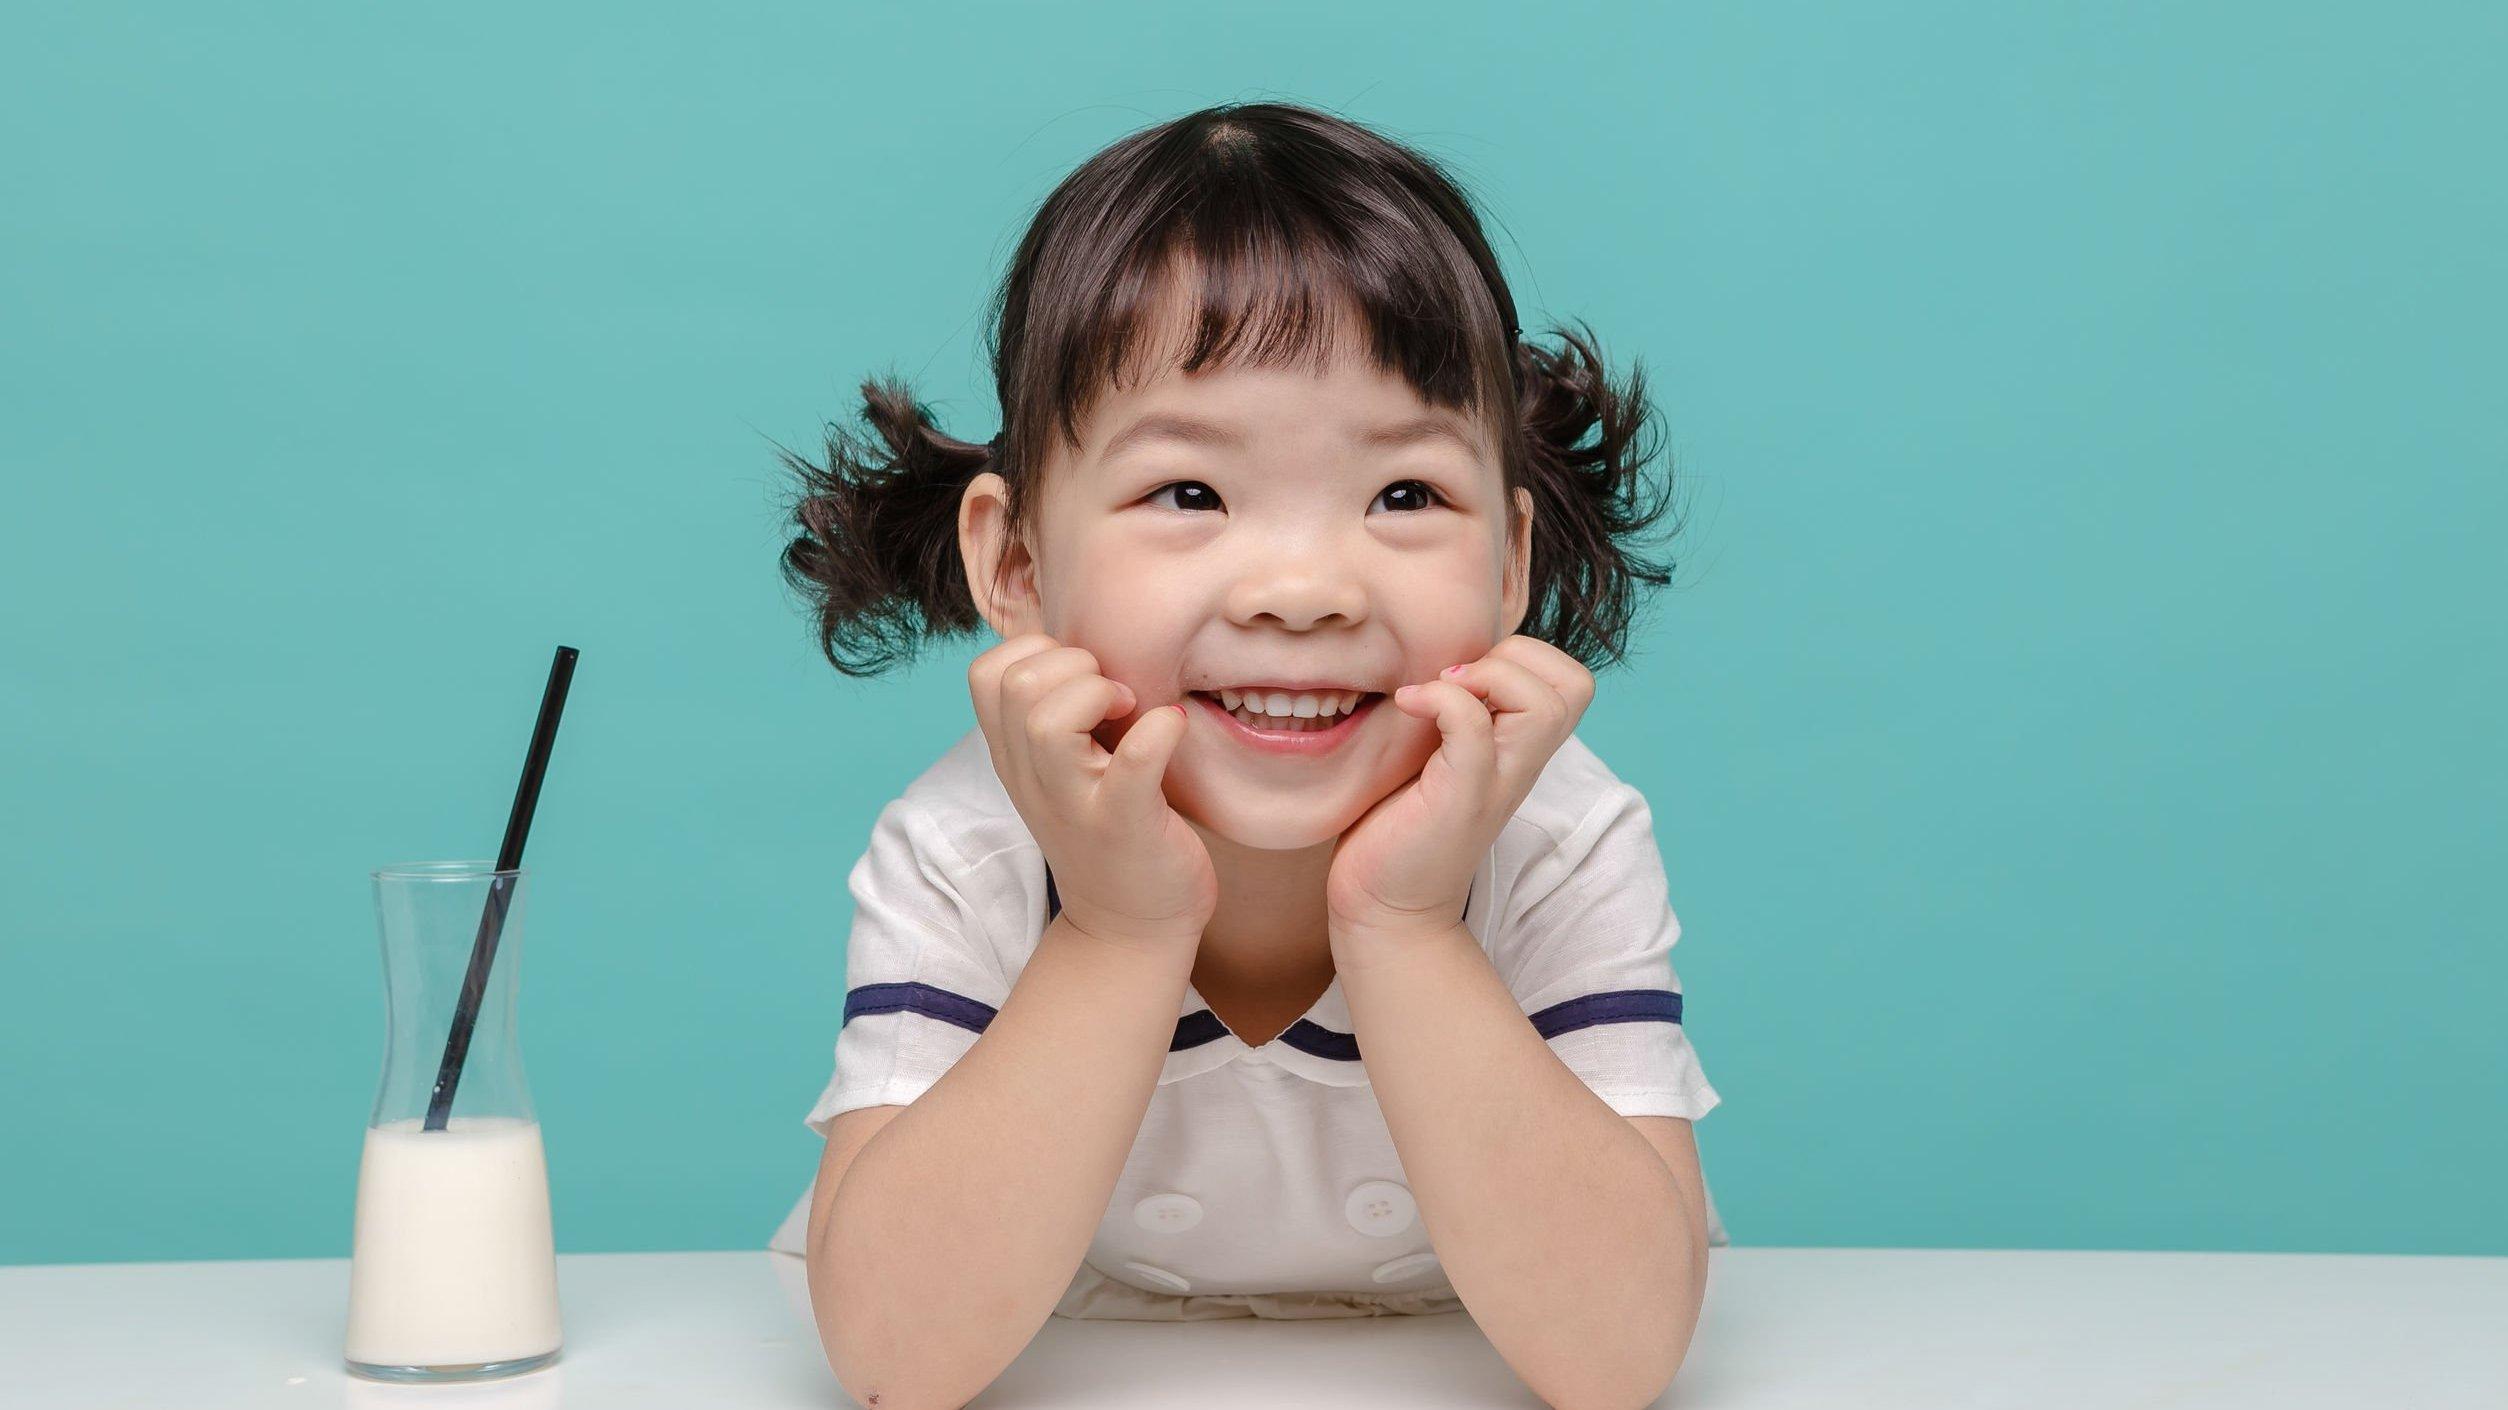 Criança sorrindo com as mãos sobre o rosto ao lado de um copo de leite